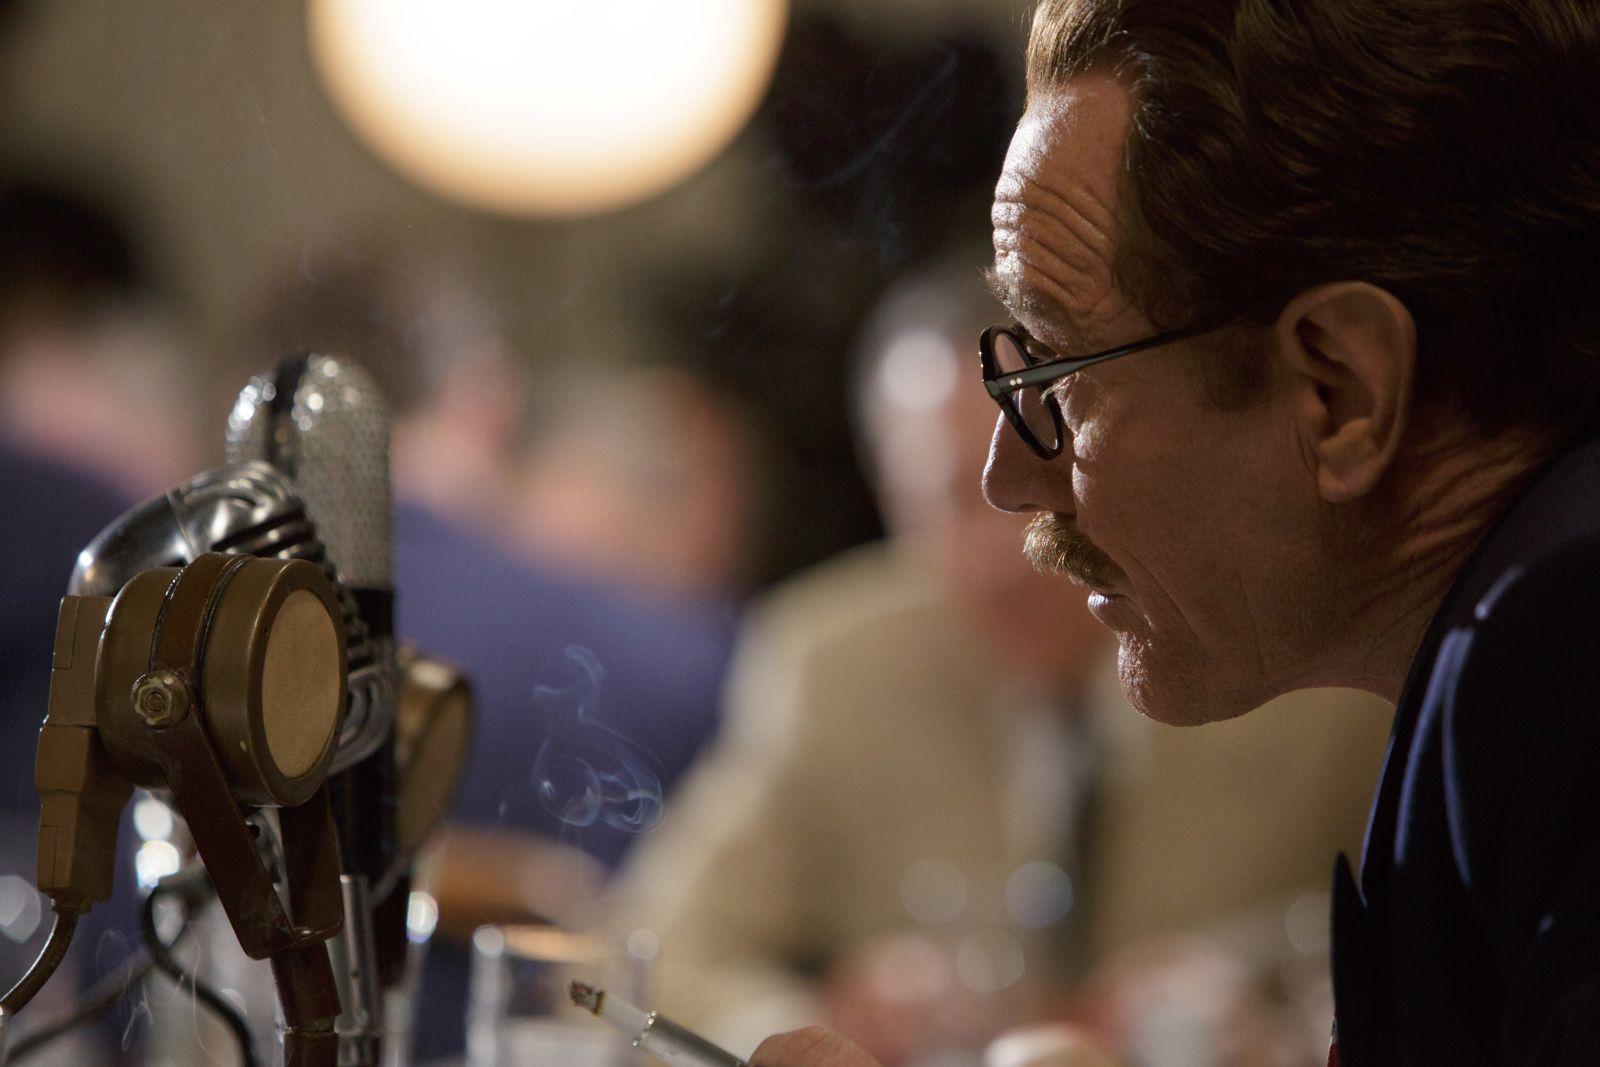 L'ultima parola - La vera storia di Dalton Trumbo: Bryan Cranston in una scena del film